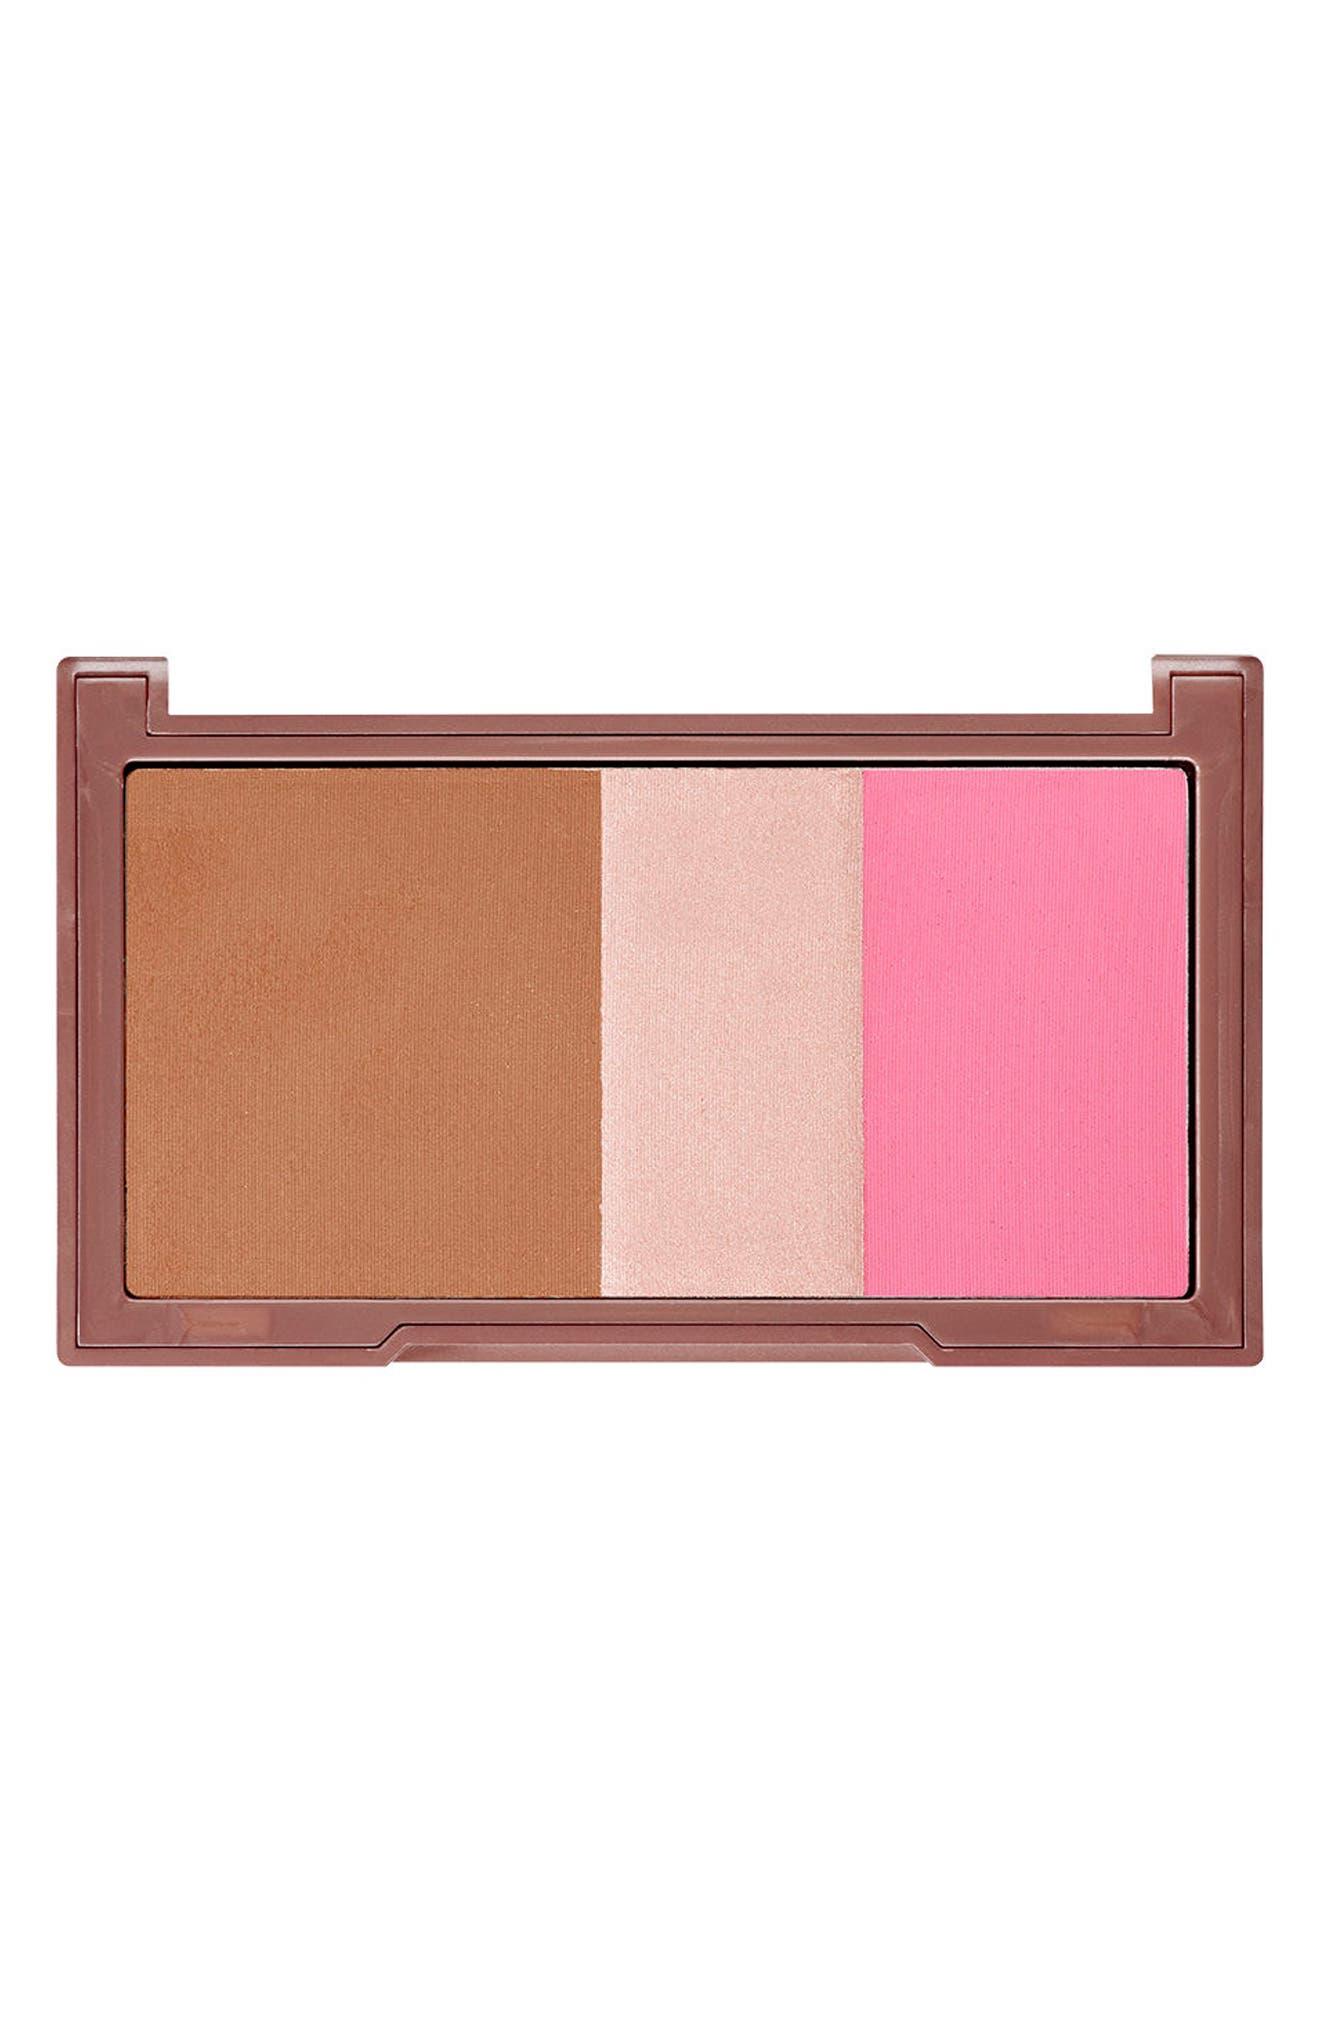 Naked Flushed Bronzer, Highlighter & Blush Palette,                         Main,                         color, Going Native